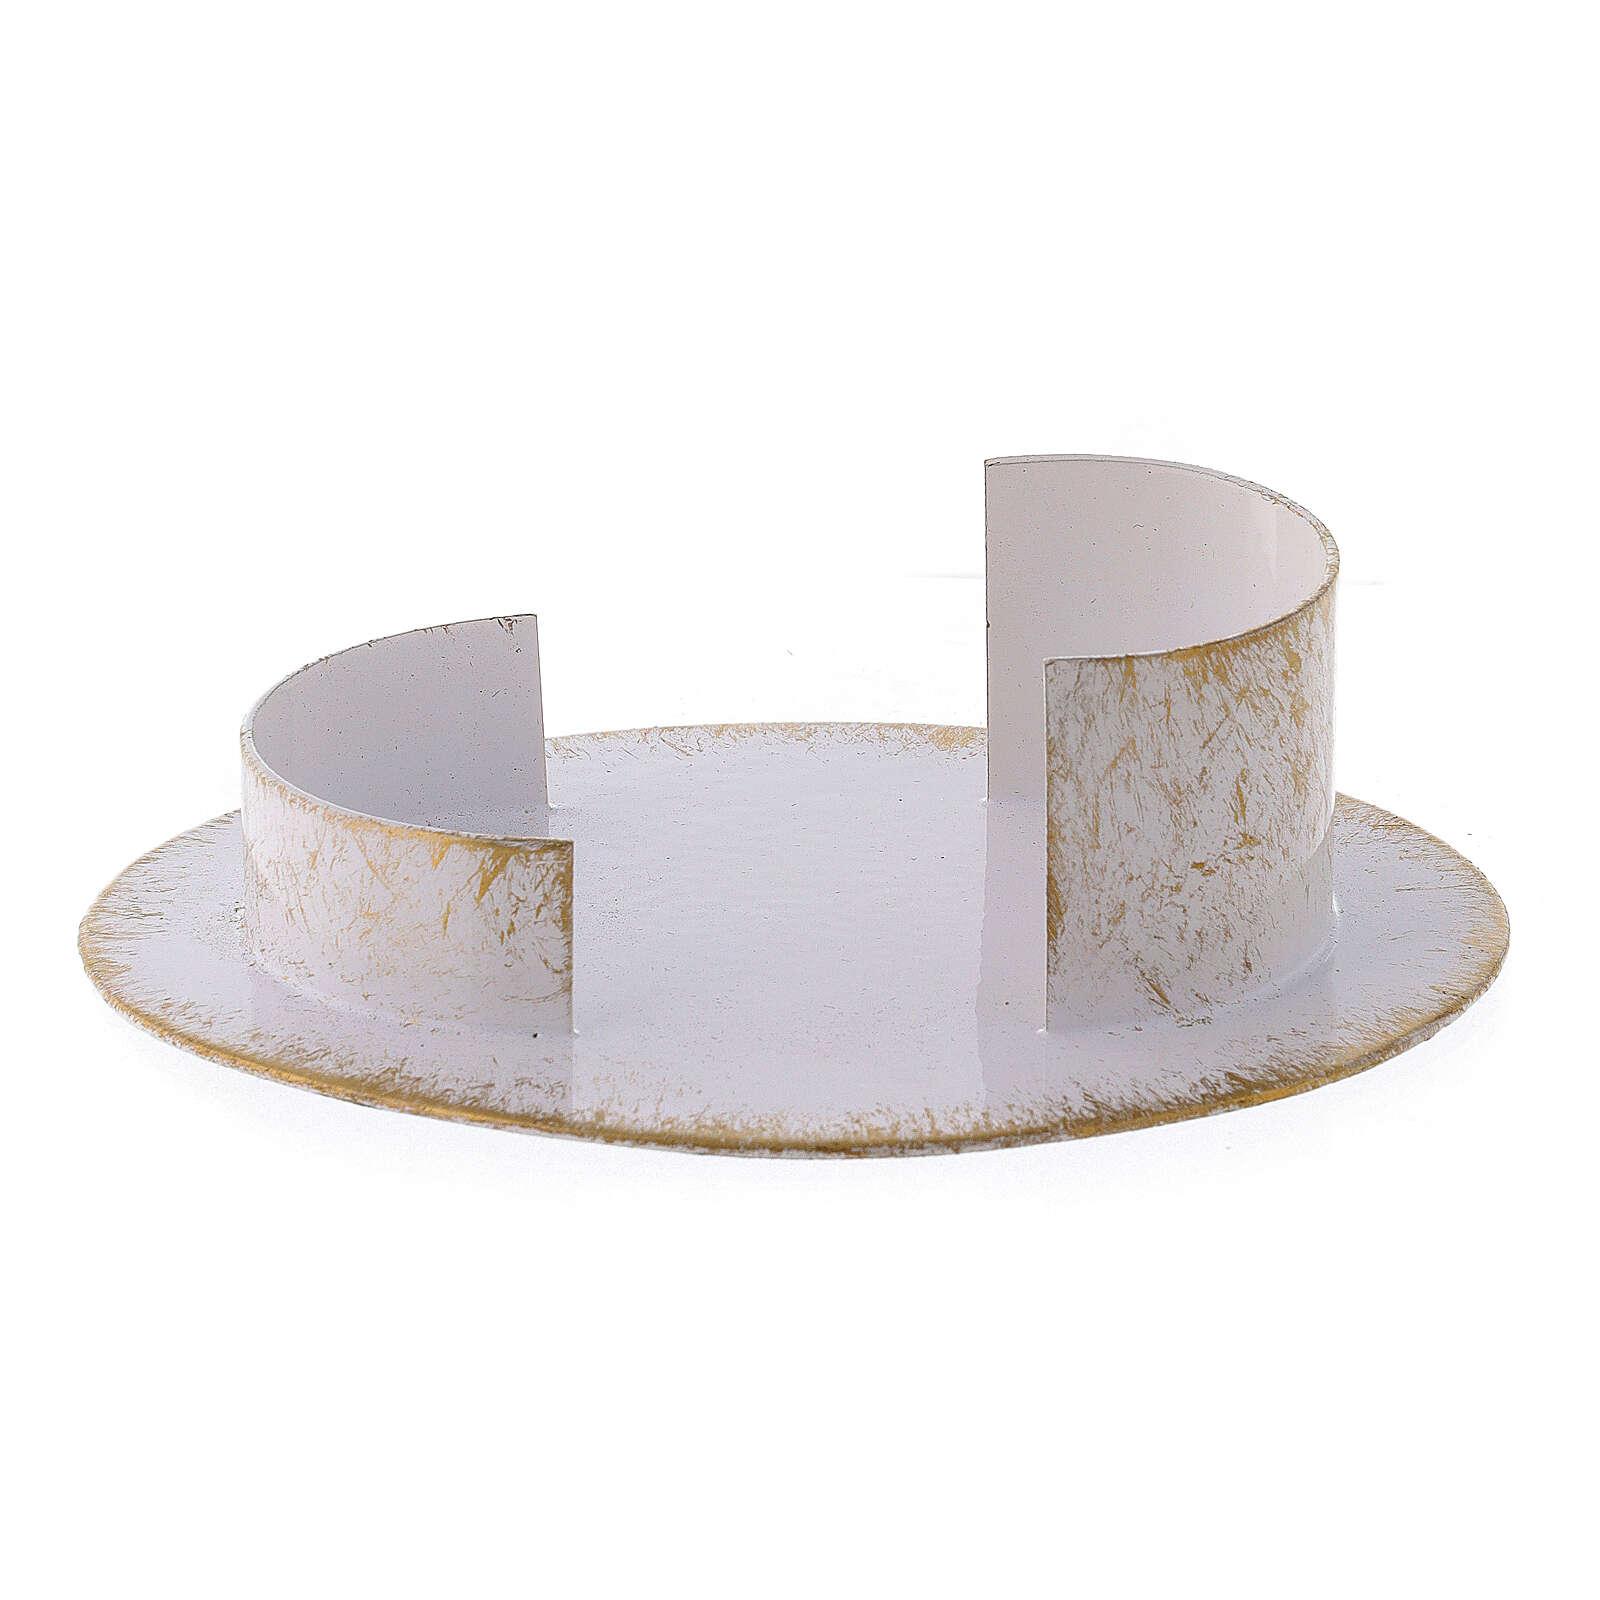 Base vela ovalada latón blanco oro 9x5 cm 3